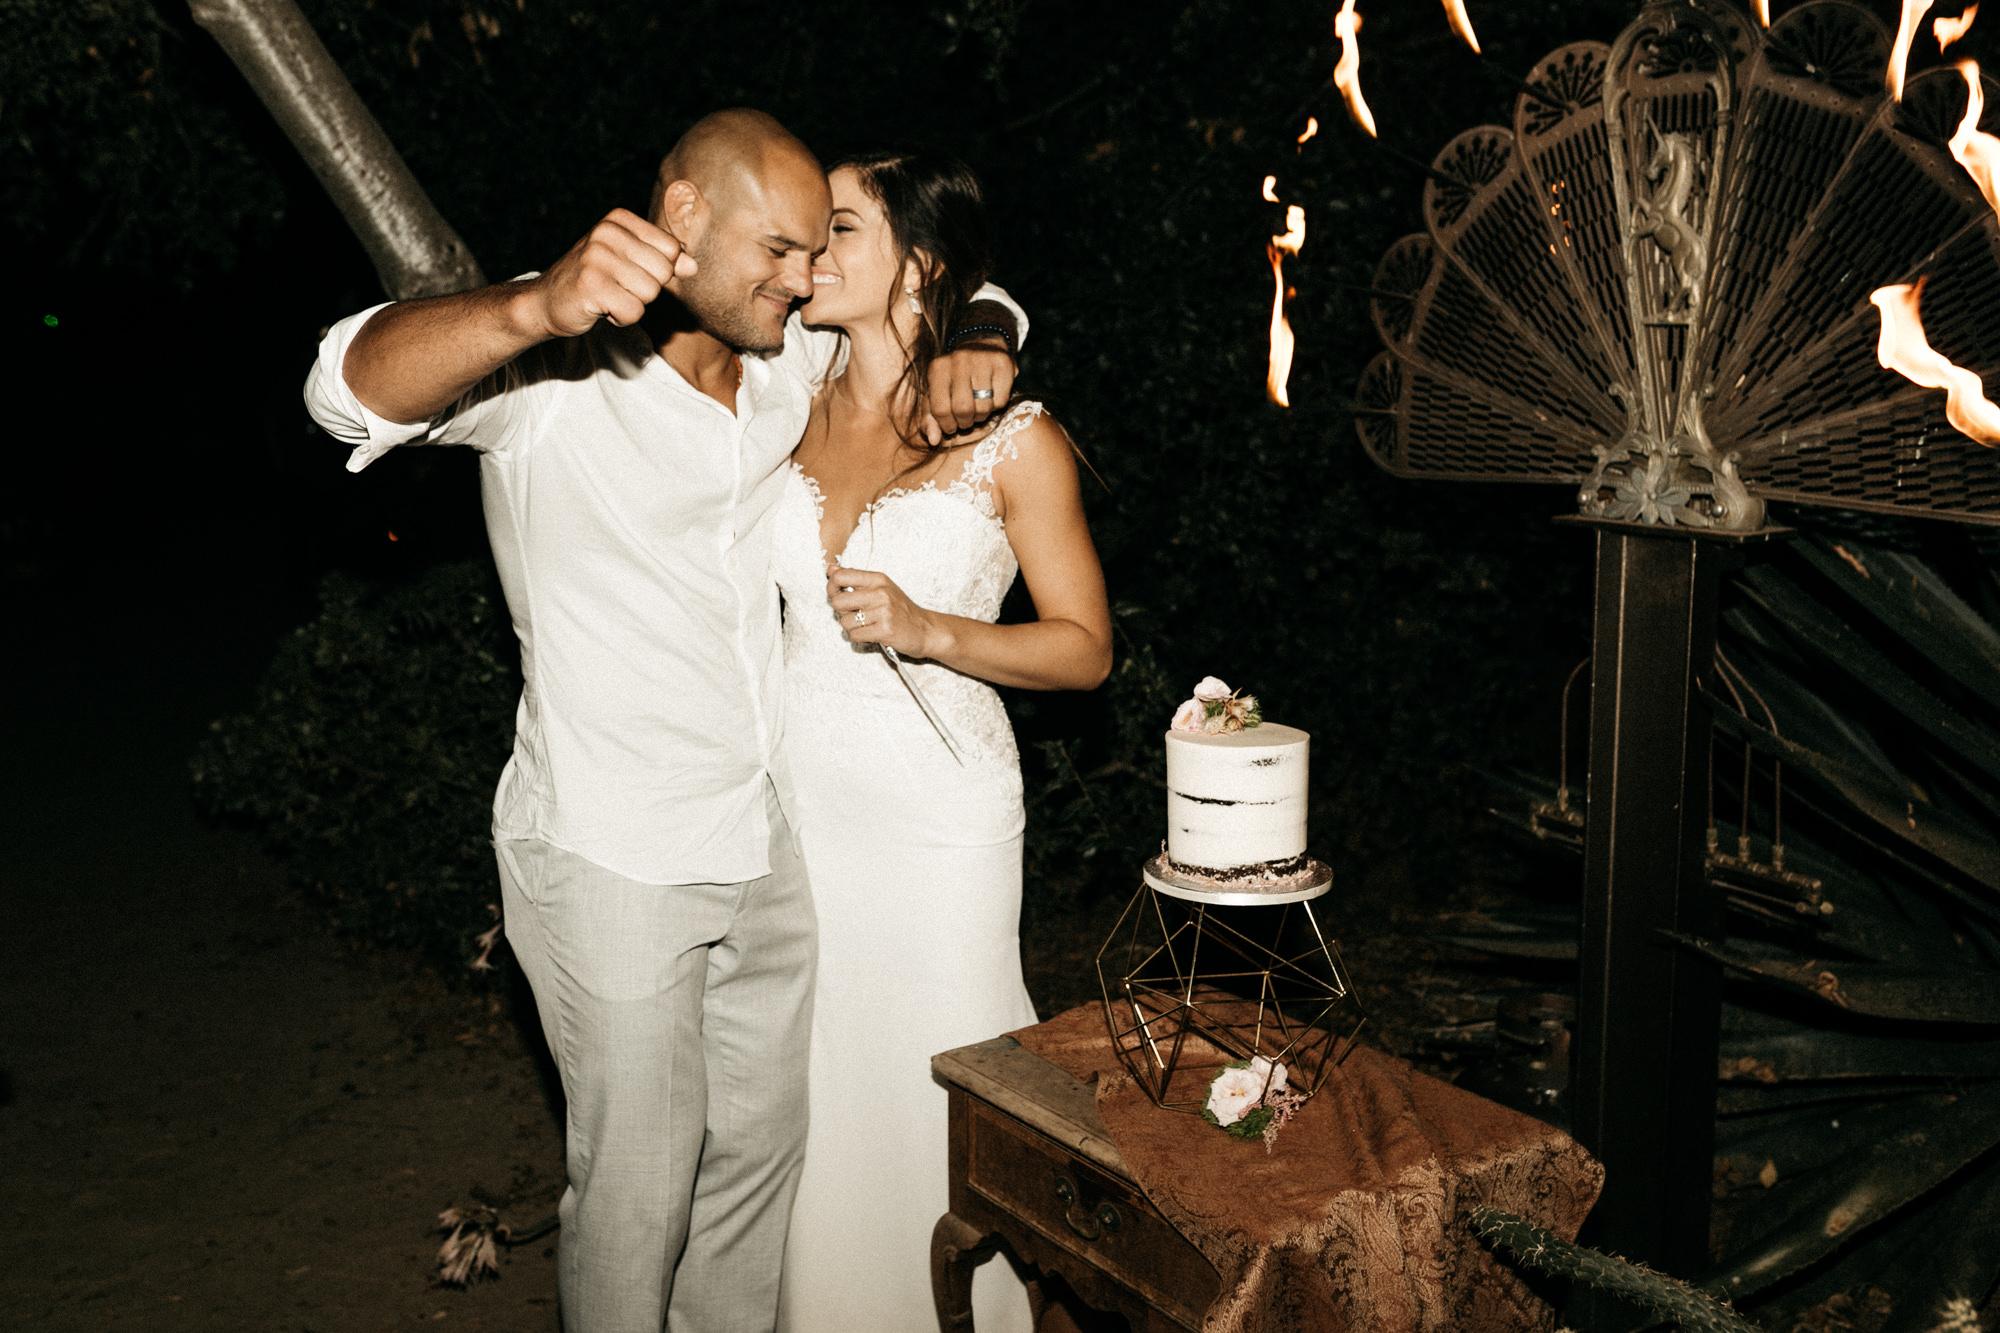 the_fire_garden_wedding-75.jpg